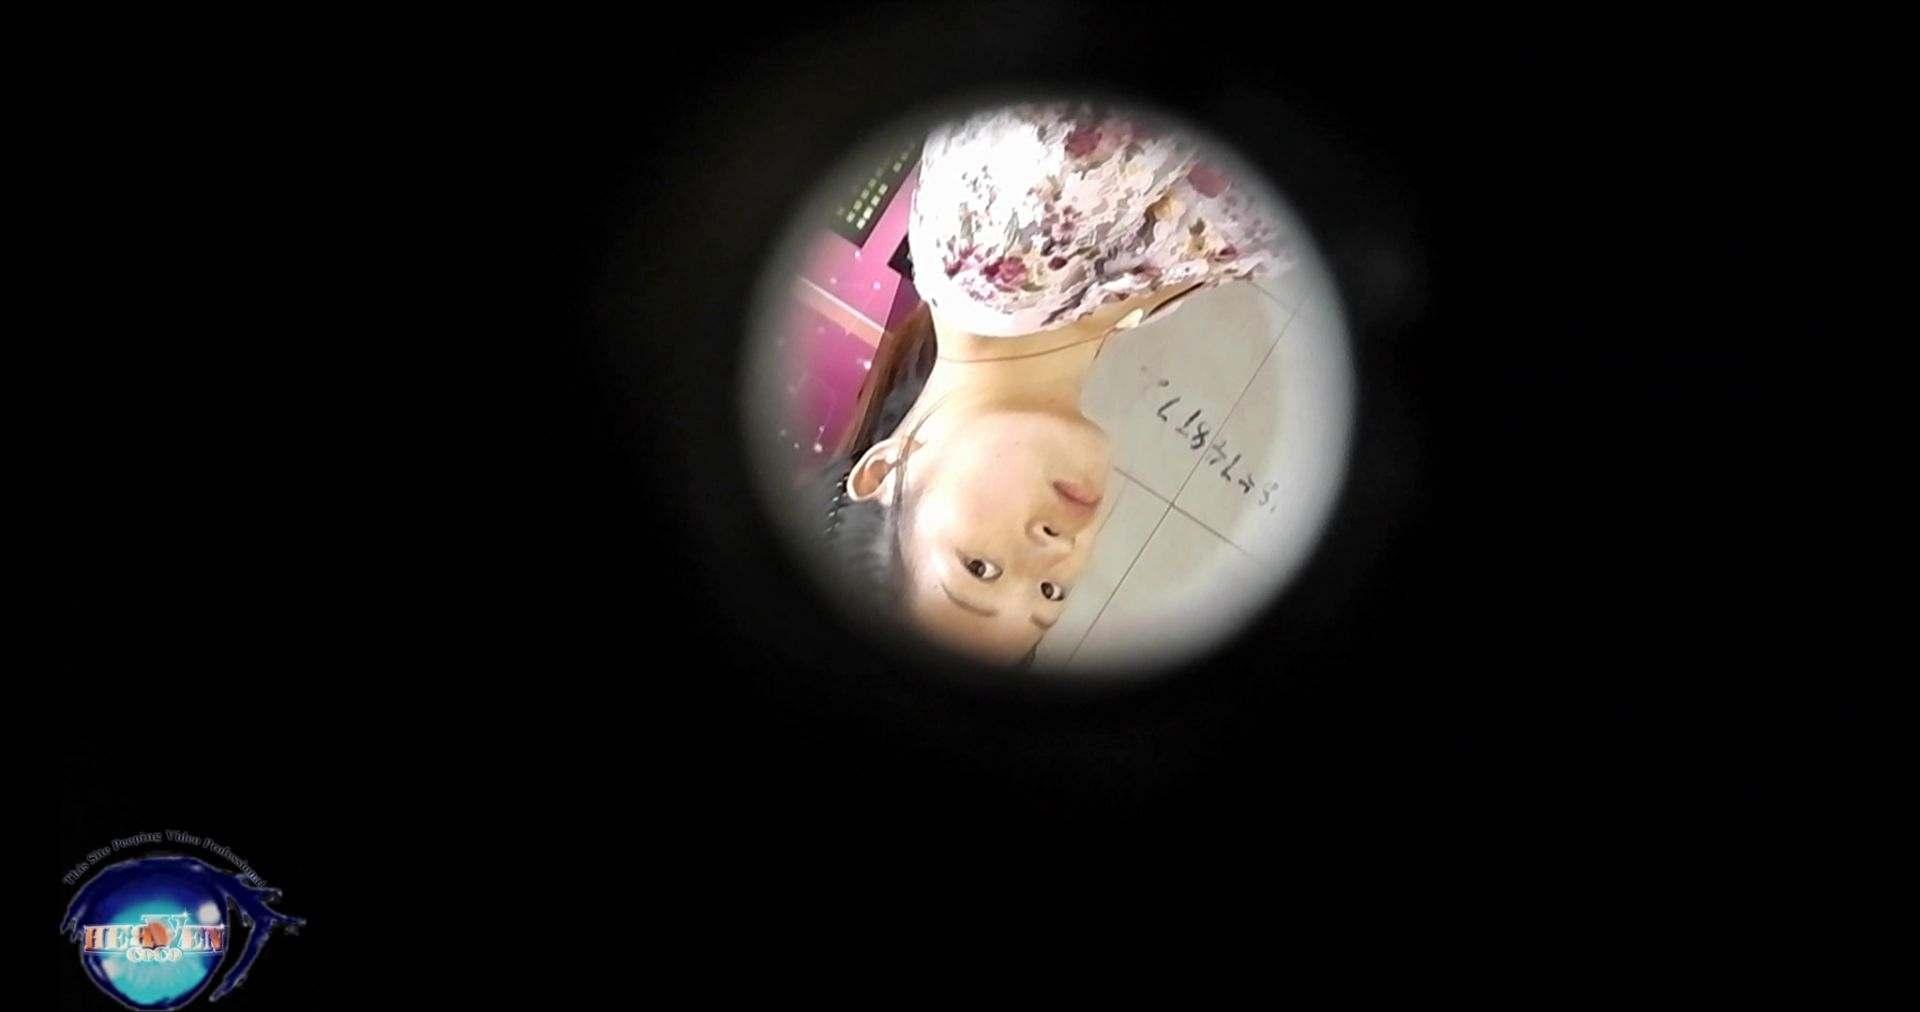 世界の射窓から~ステーション編~vol.34 無料動画のモデルつい本番登場Ⅱやっぱり違います 本番 | OL女体  104連発 79